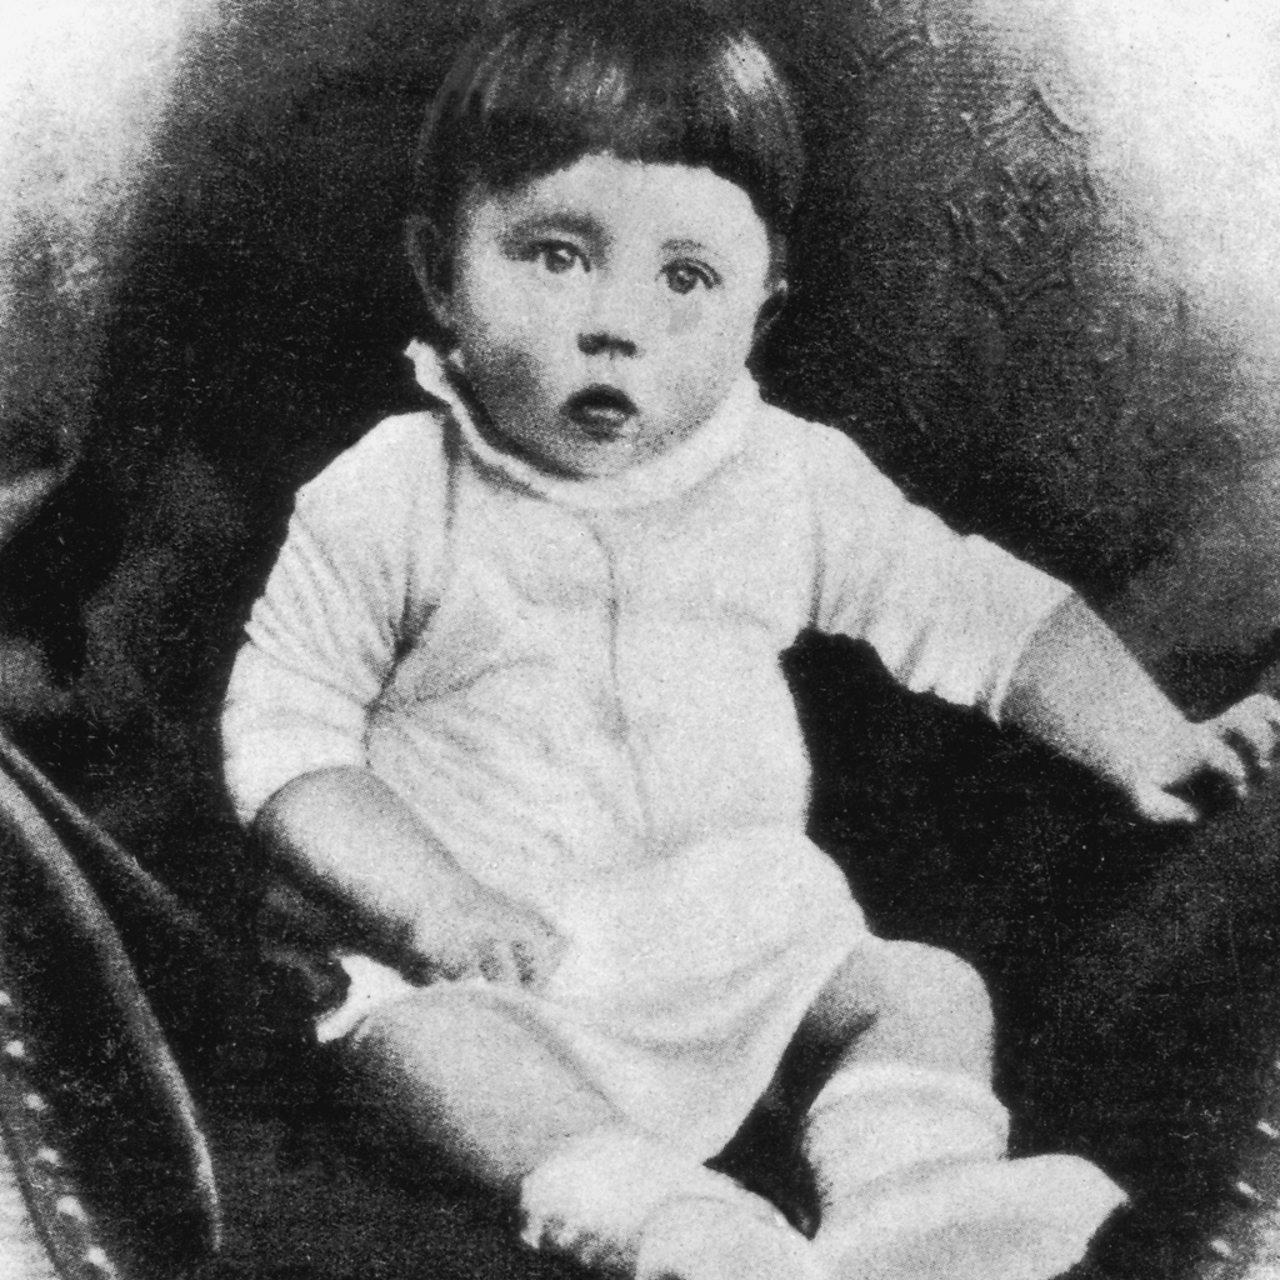 Adolf Hitler, pictured as a child circa 1889.